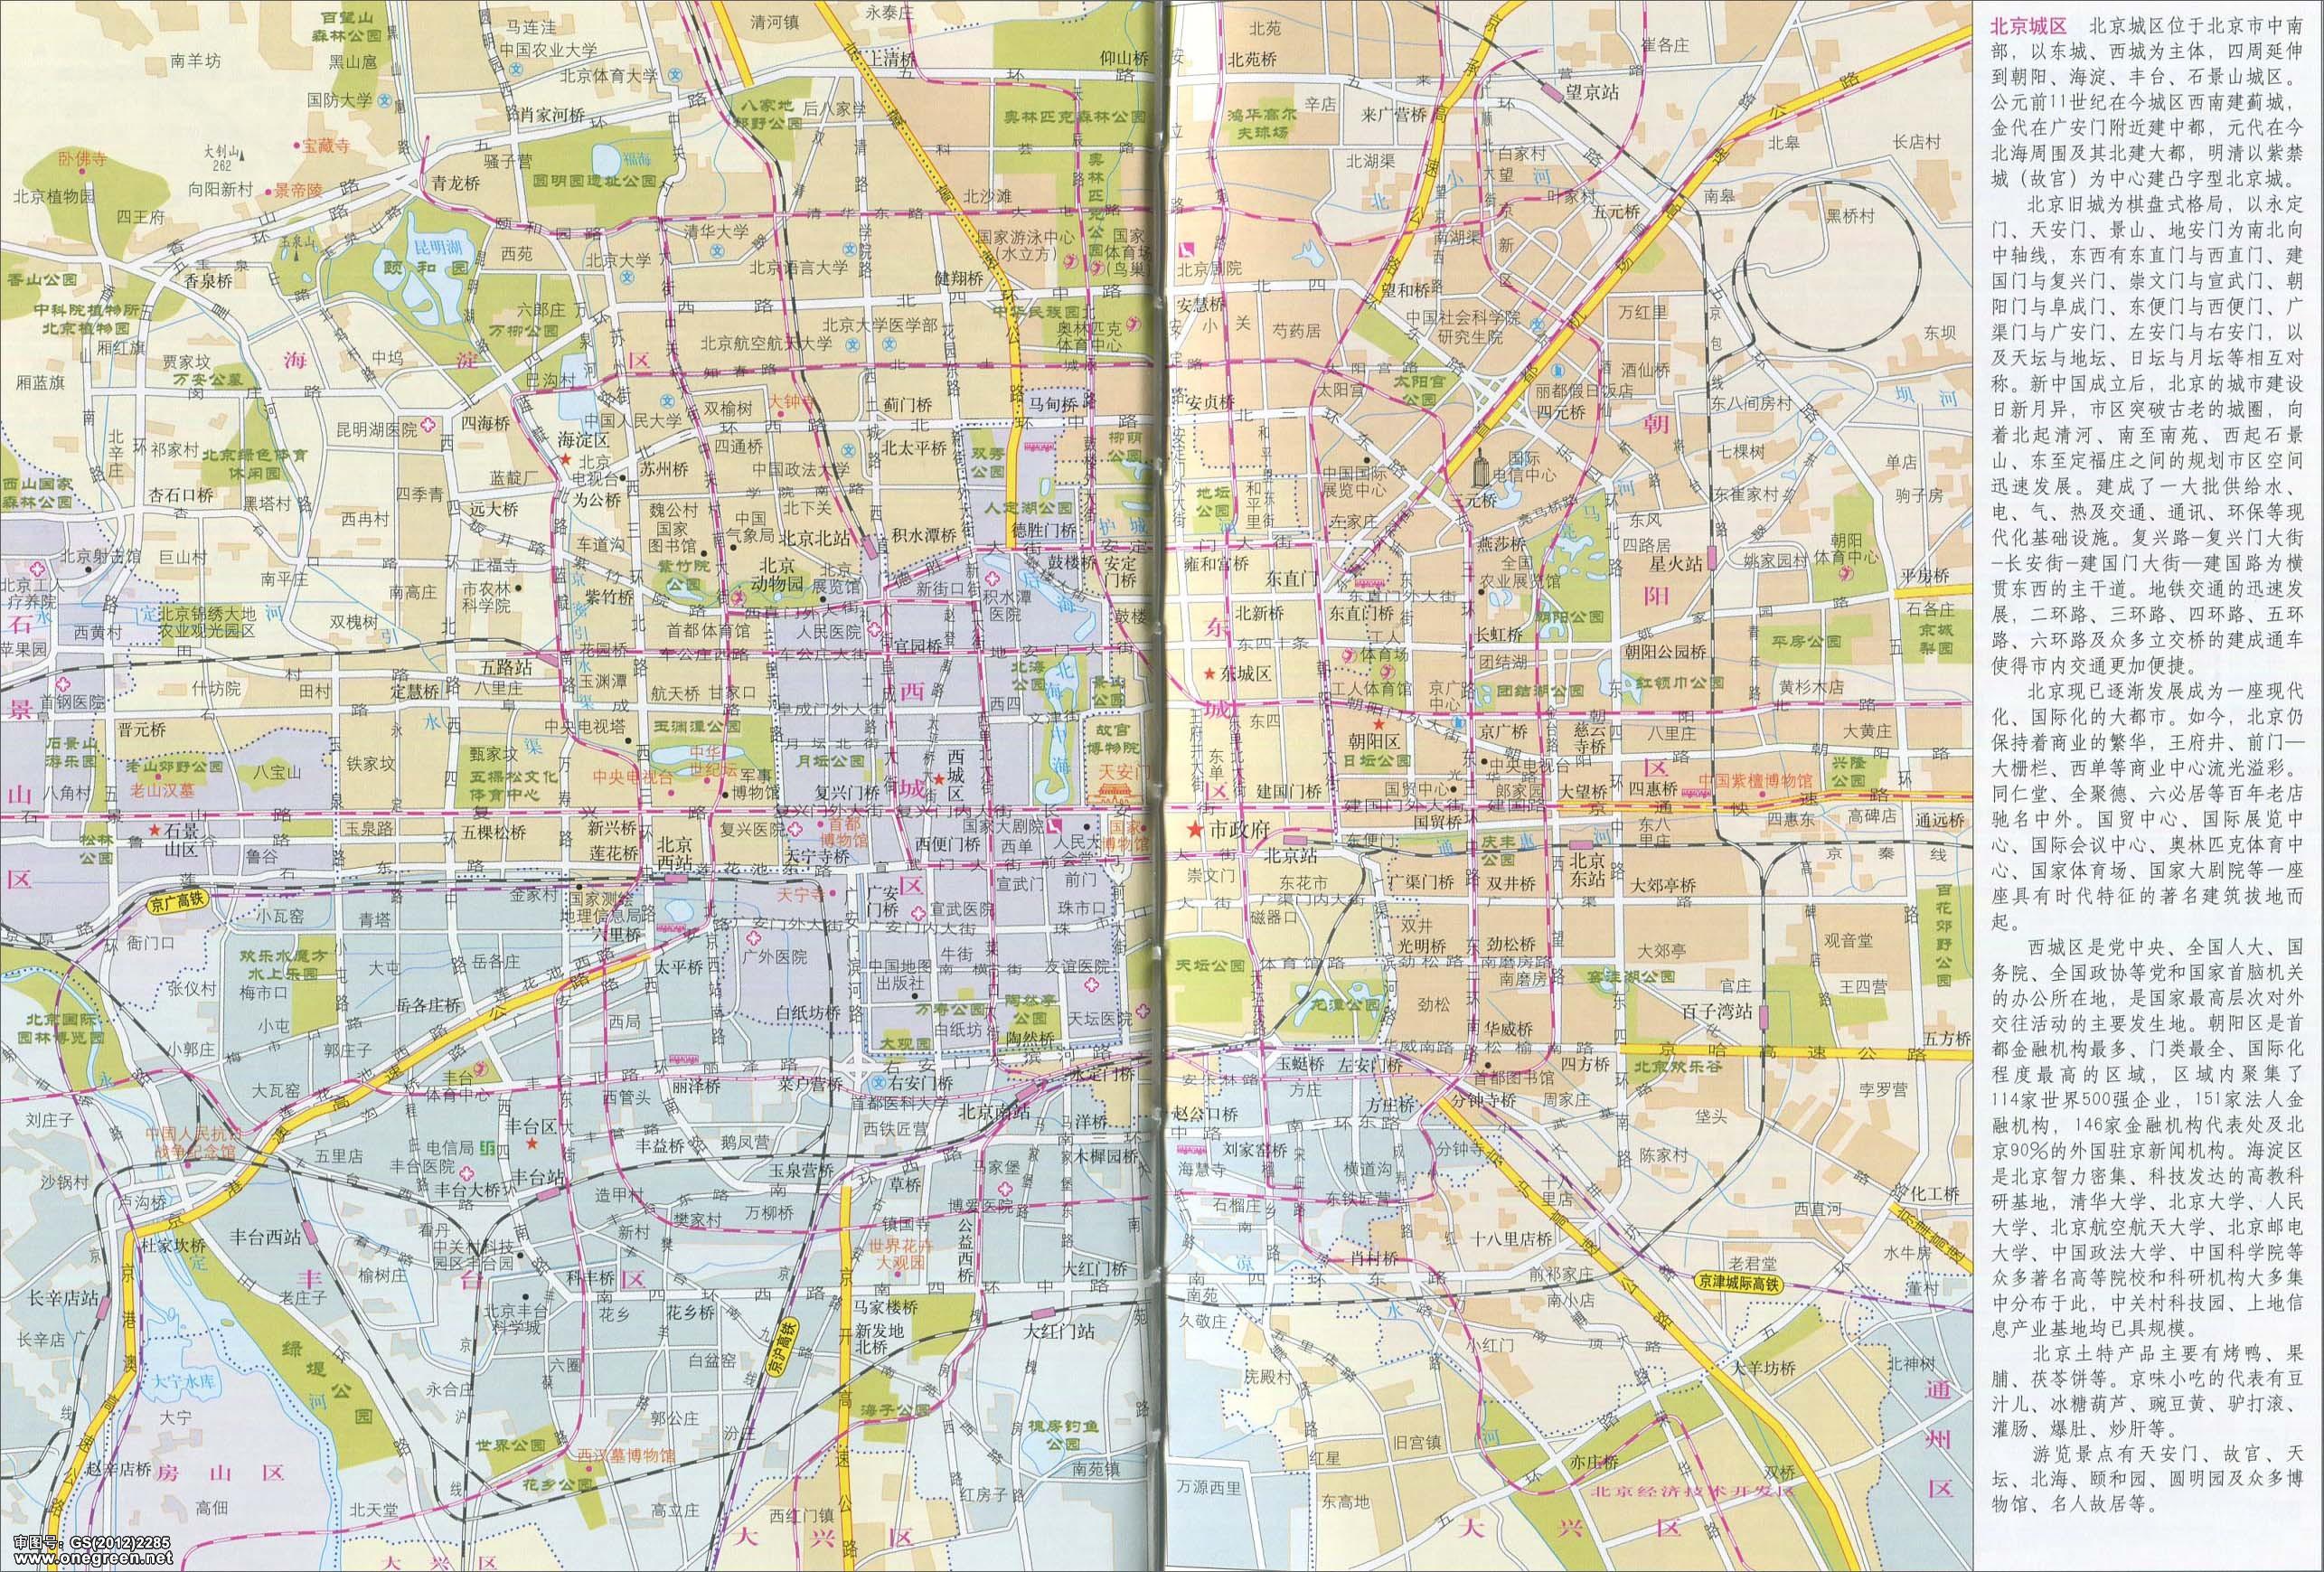 成都地图全图高清版_北京地图全图高清版_地图窝